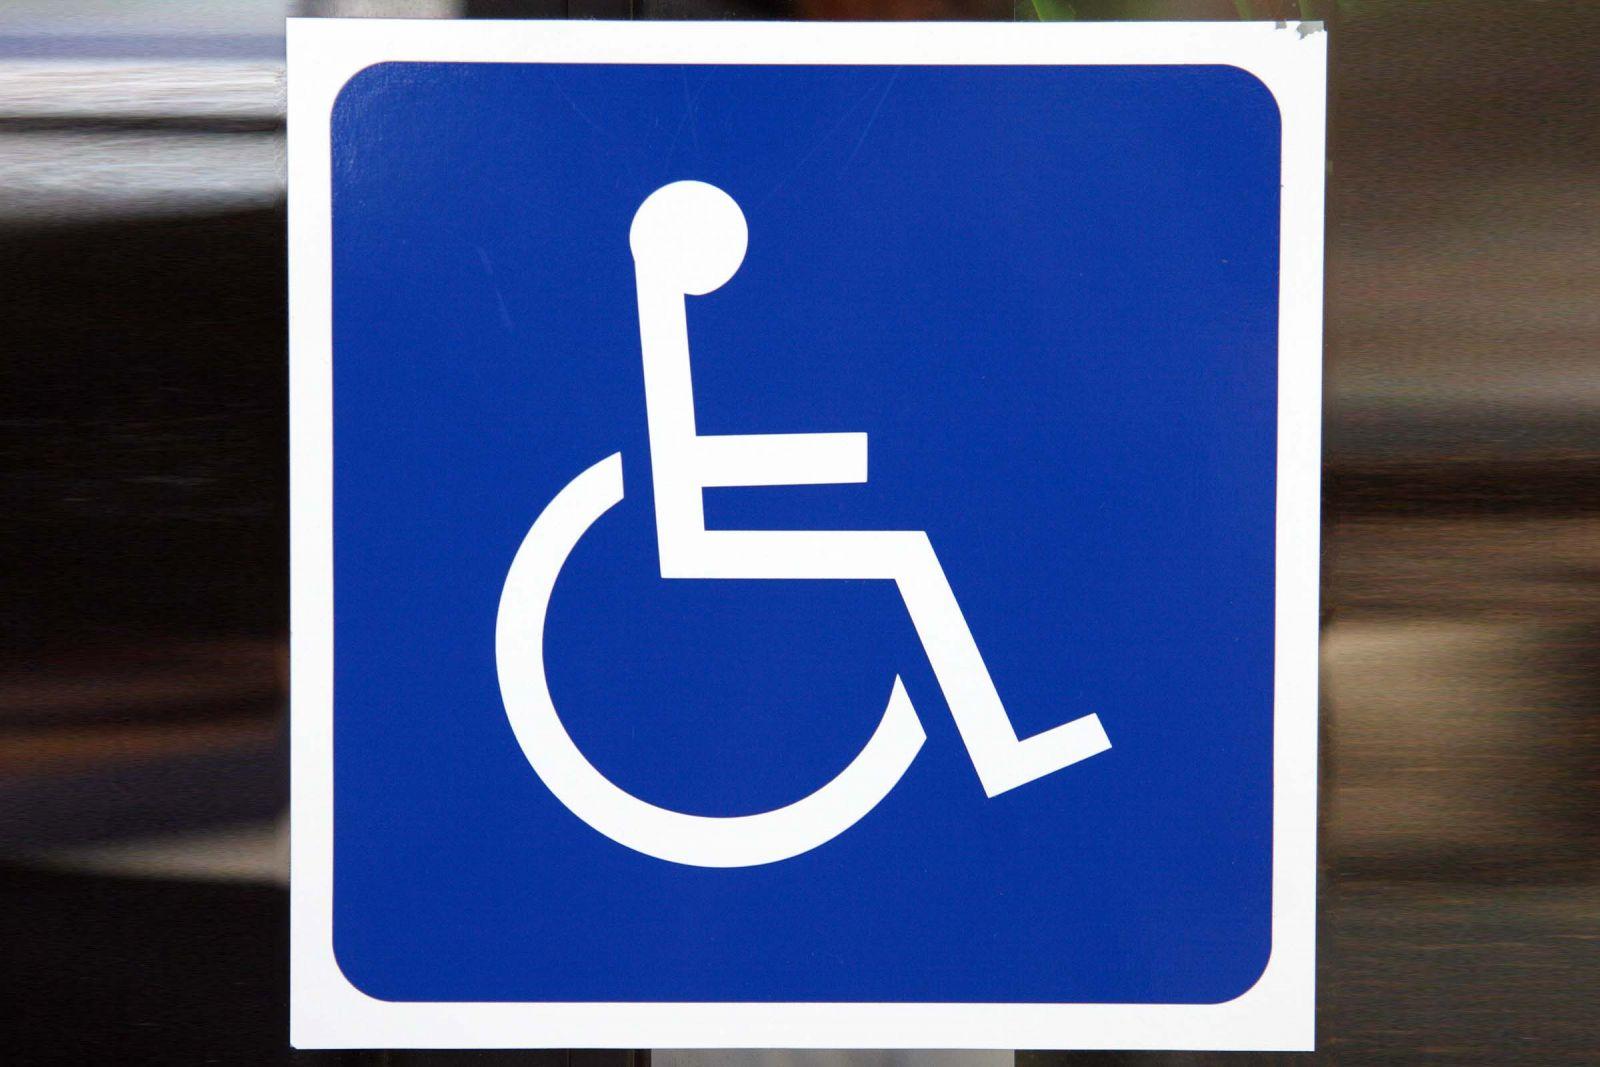 شرایط پلاک ویژه معلولان اعلام شد / مناسب سازی خودرو و مسکن معلولان